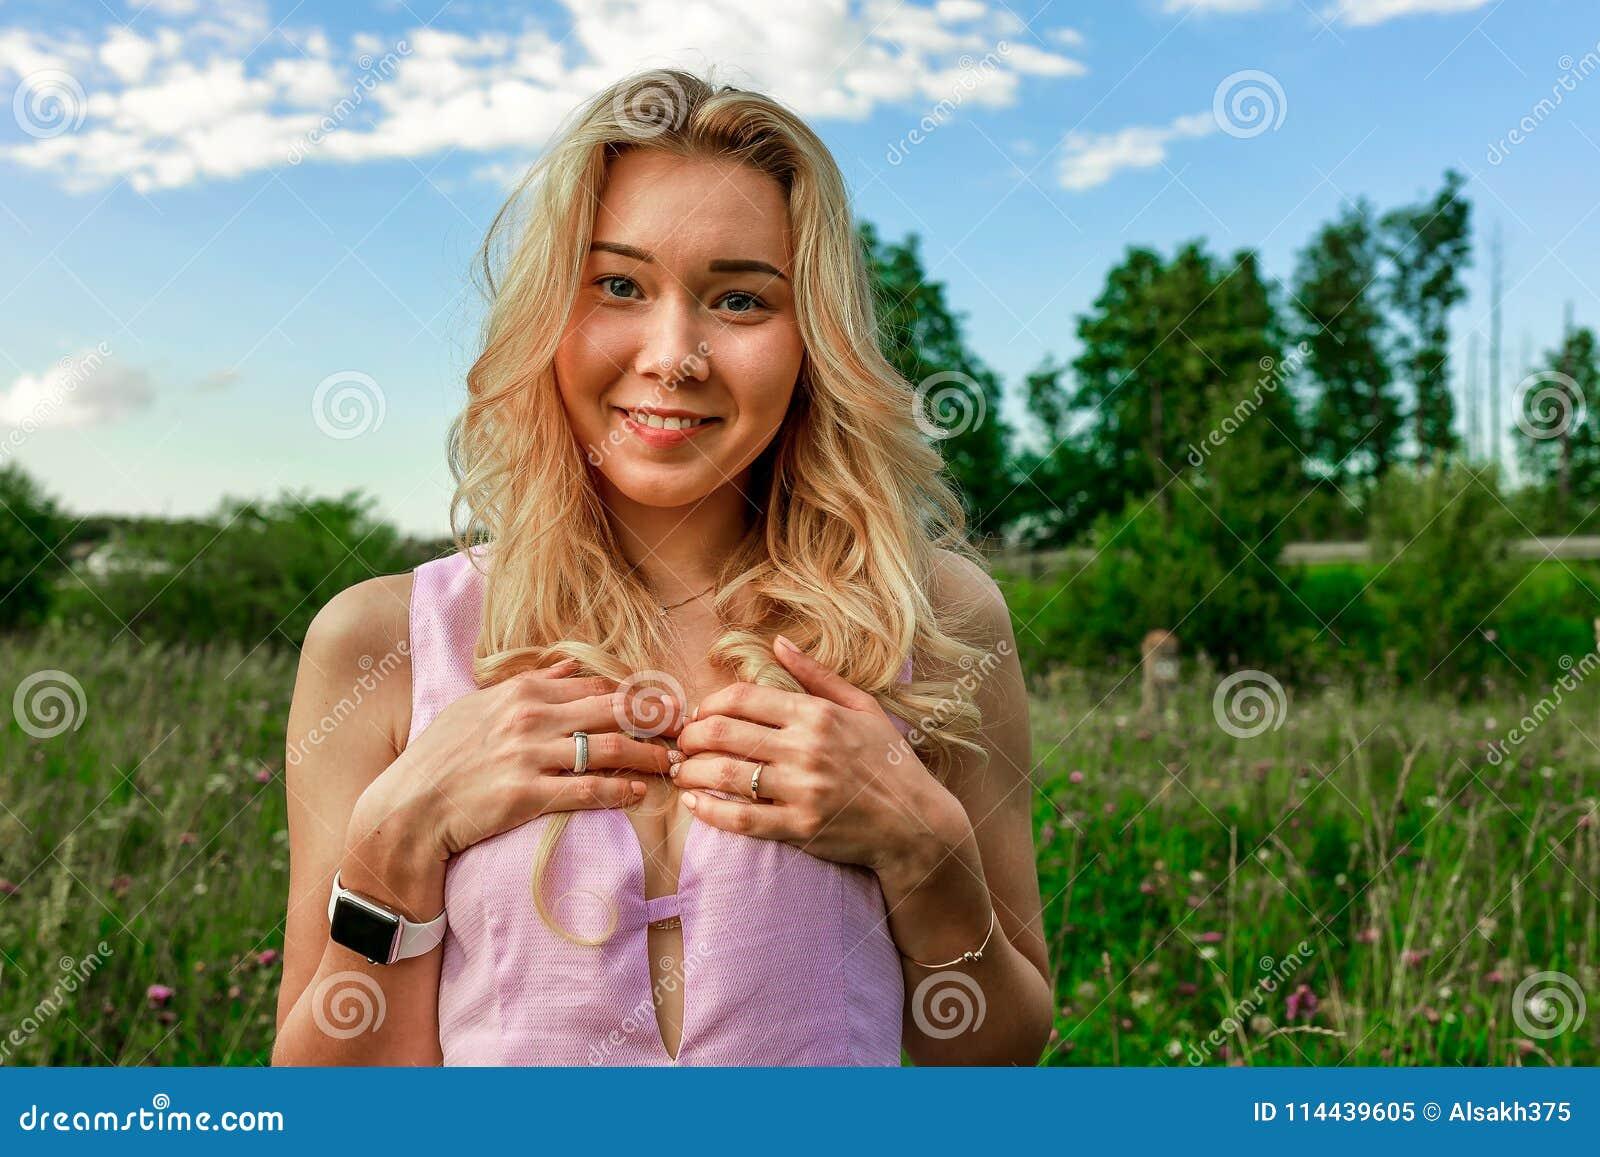 blondinki-na-prirode-odnovremenno-konchayut-i-v-rot-i-v-popu